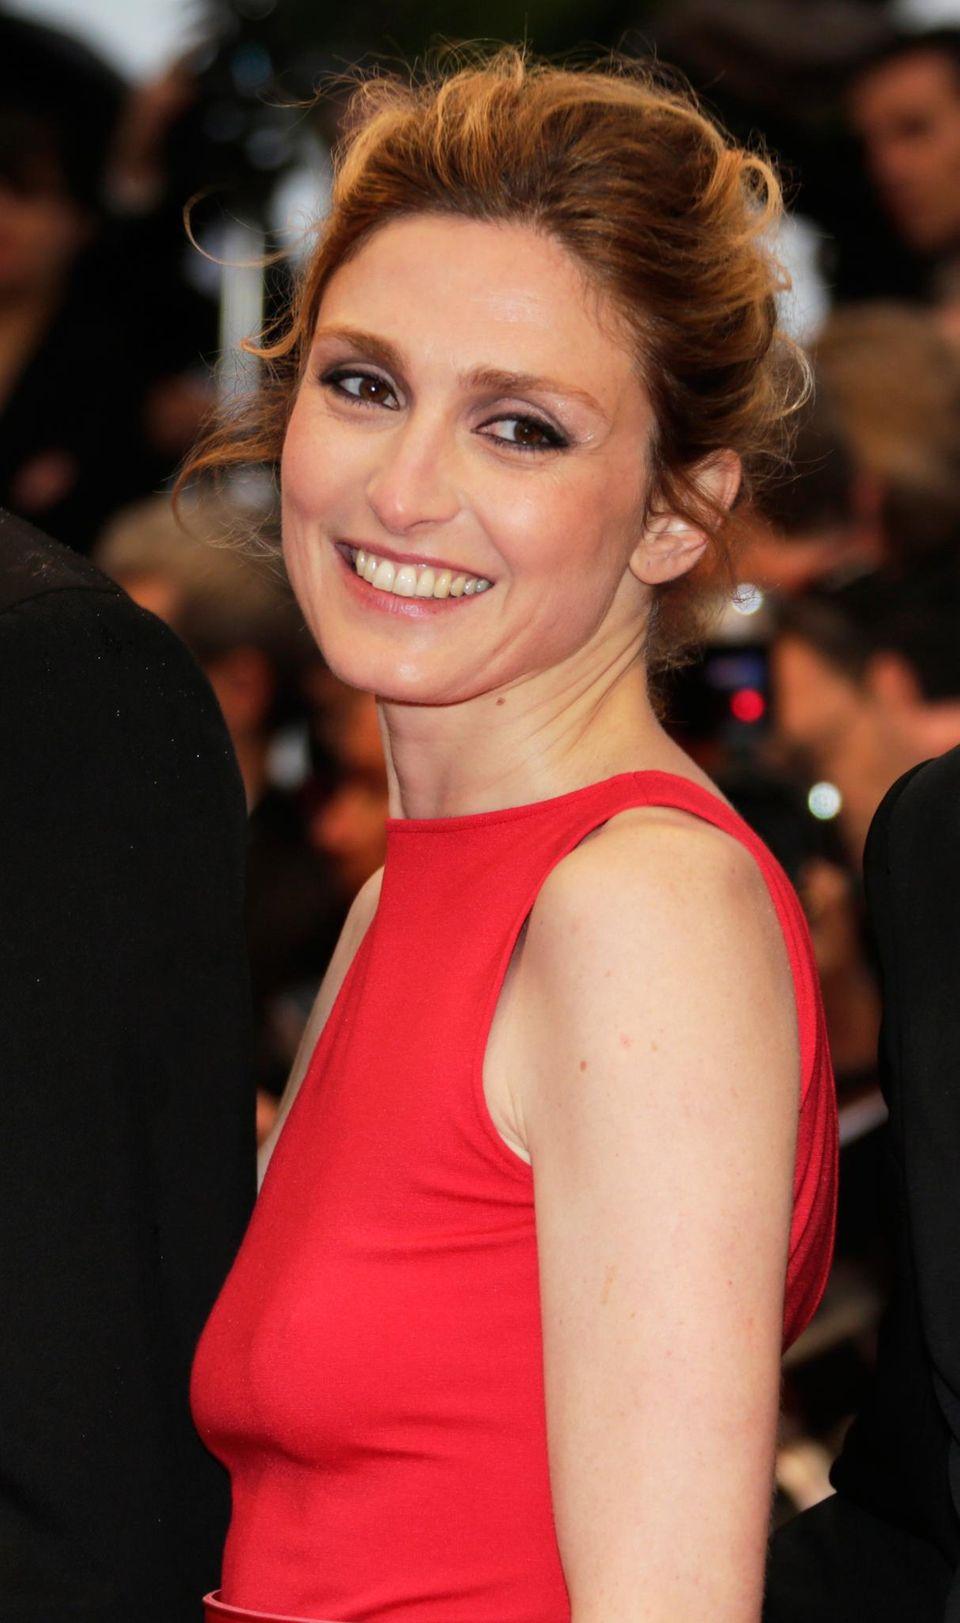 Oh, là, là, was habe ich mir da bloß eingebrockt? In den Élysée-Palast einziehen will Hollandes Geliebte Julie Gayet, 41, jedenfalls nicht unbedingt.